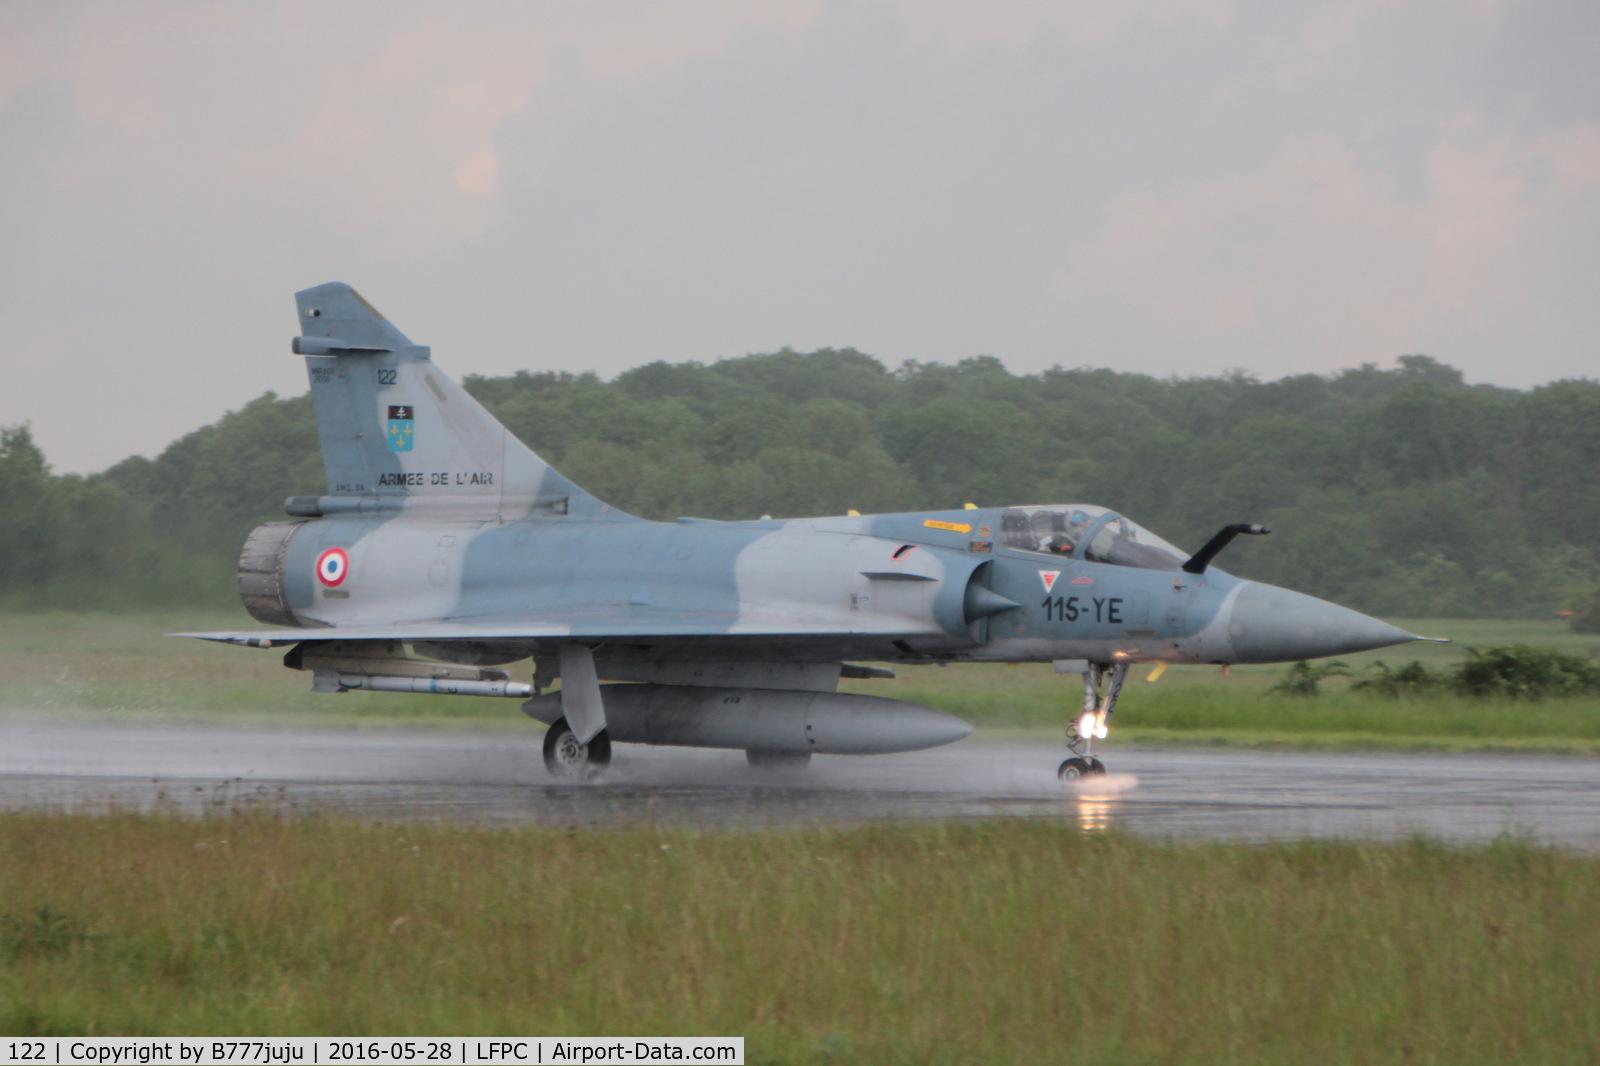 122, Dassault Mirage 2000C C/N 405, at Creil